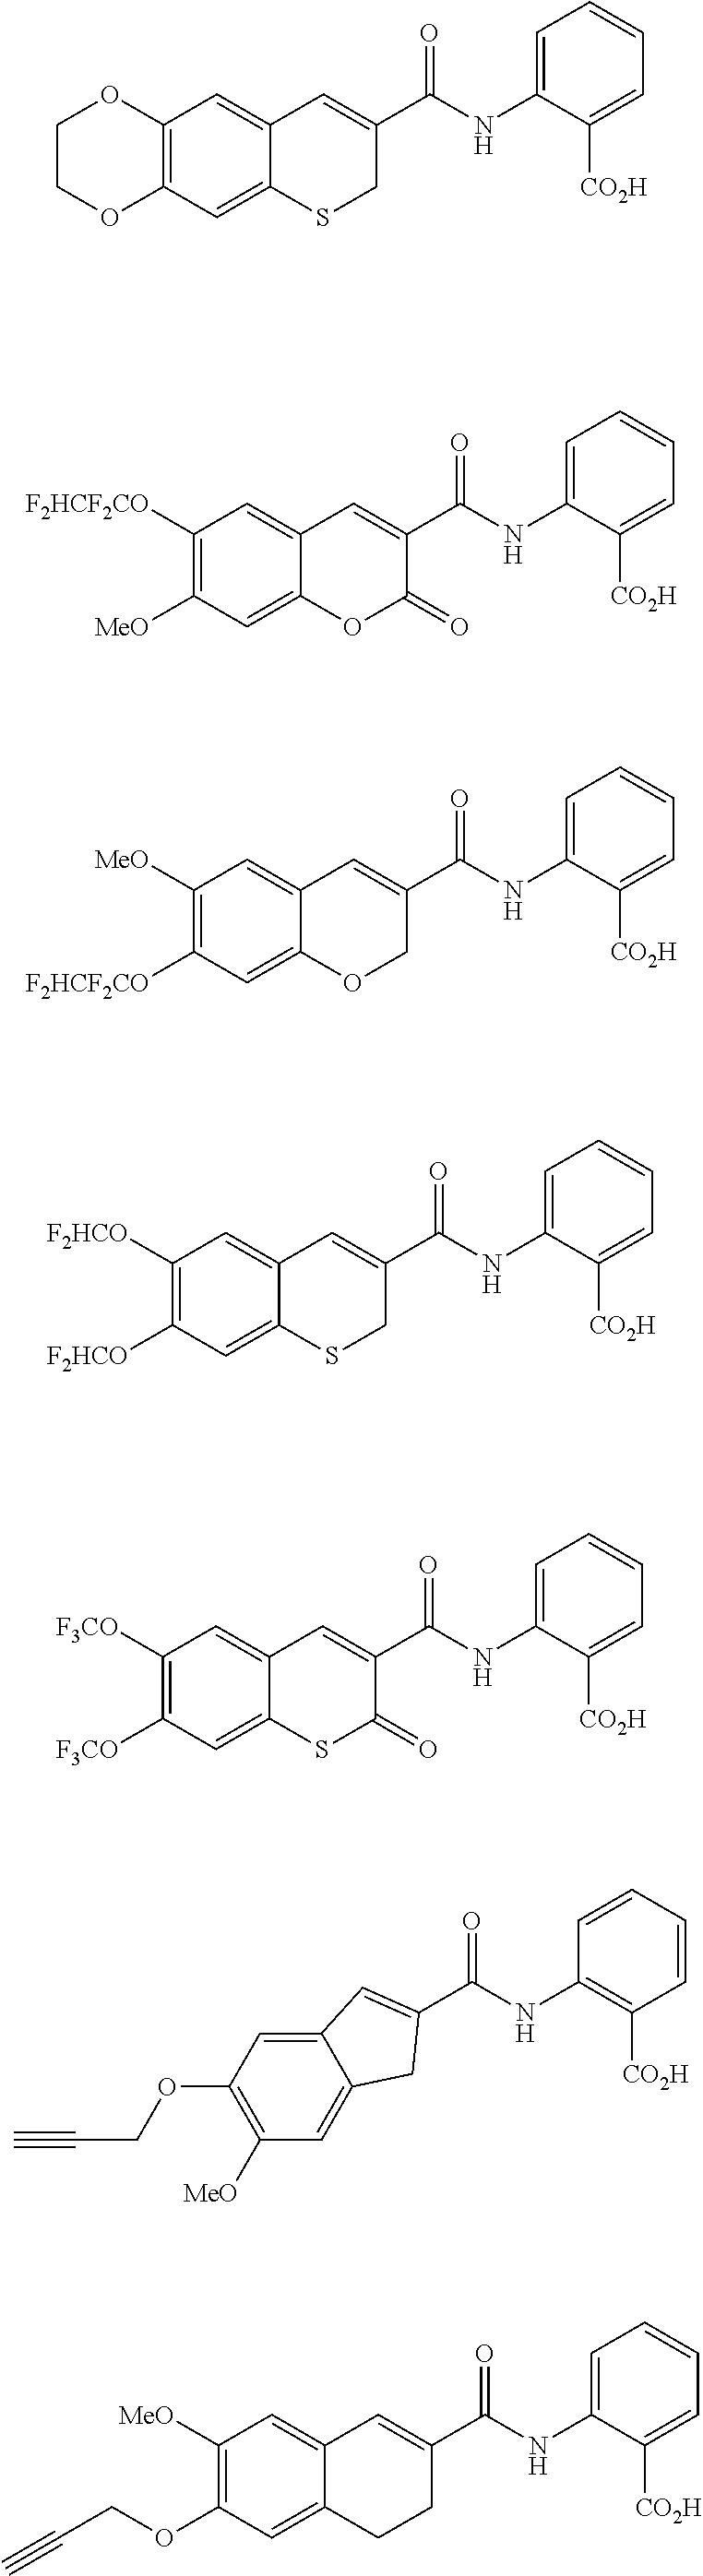 Figure US09951087-20180424-C00041